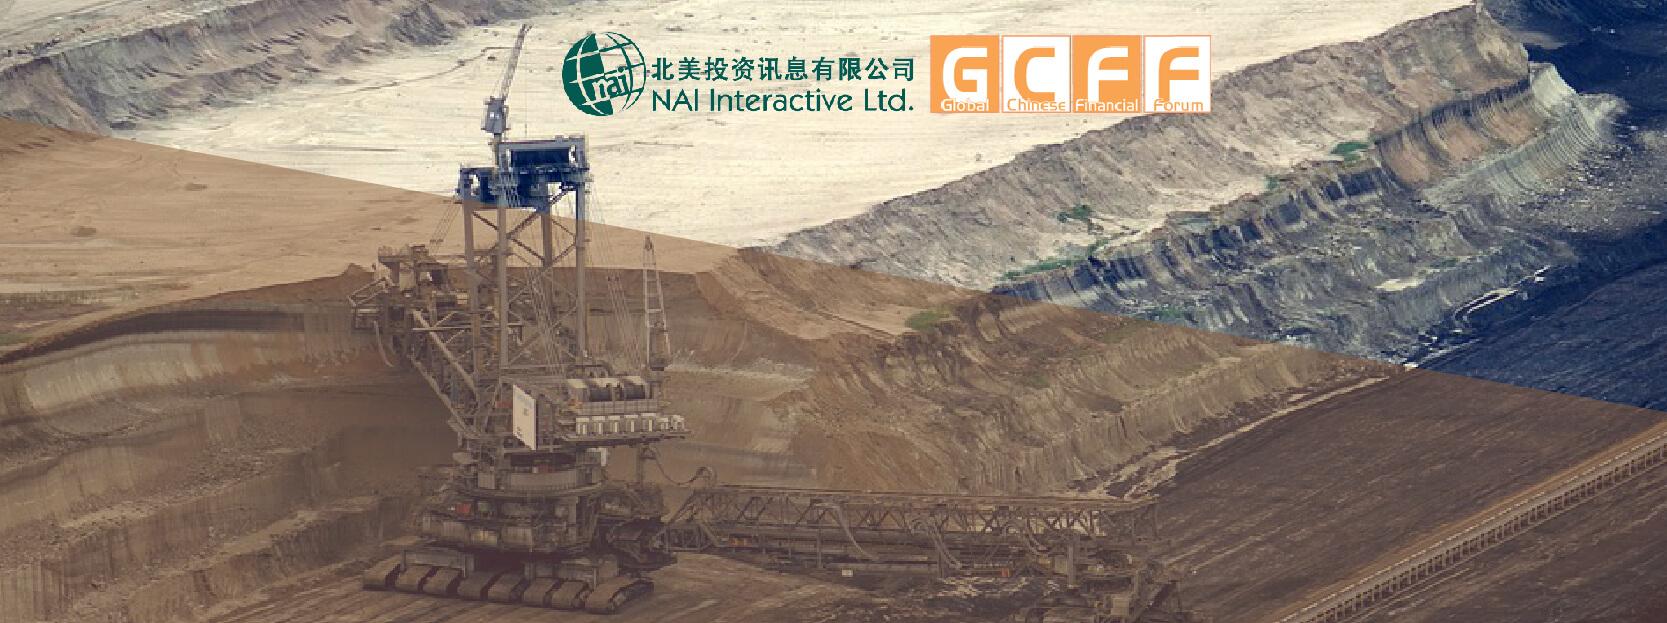 为中国准备就绪的矿业机会路演香港和北京(2018年10月22日-26日)